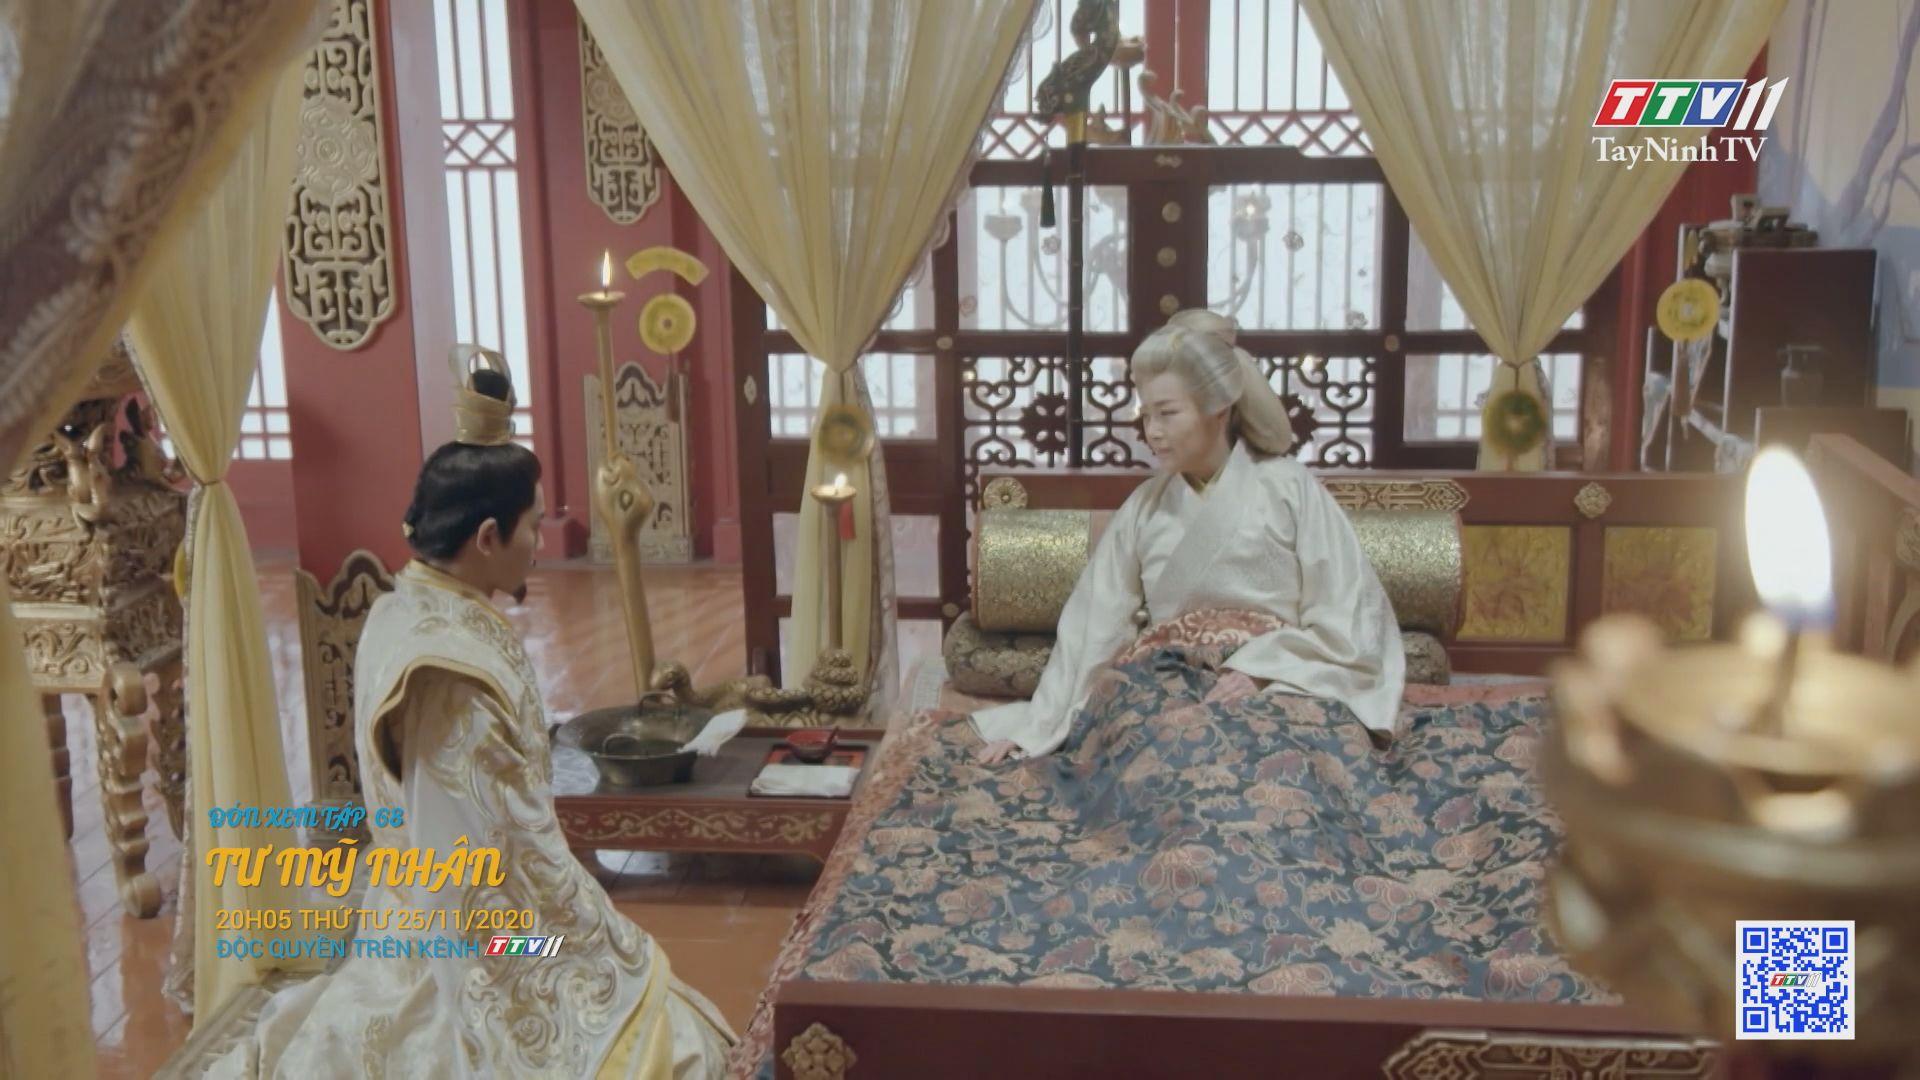 Tư mỹ nhân-TẬP 68 trailer | PHIM TƯ MỸ NHÂN | TayNinhTV